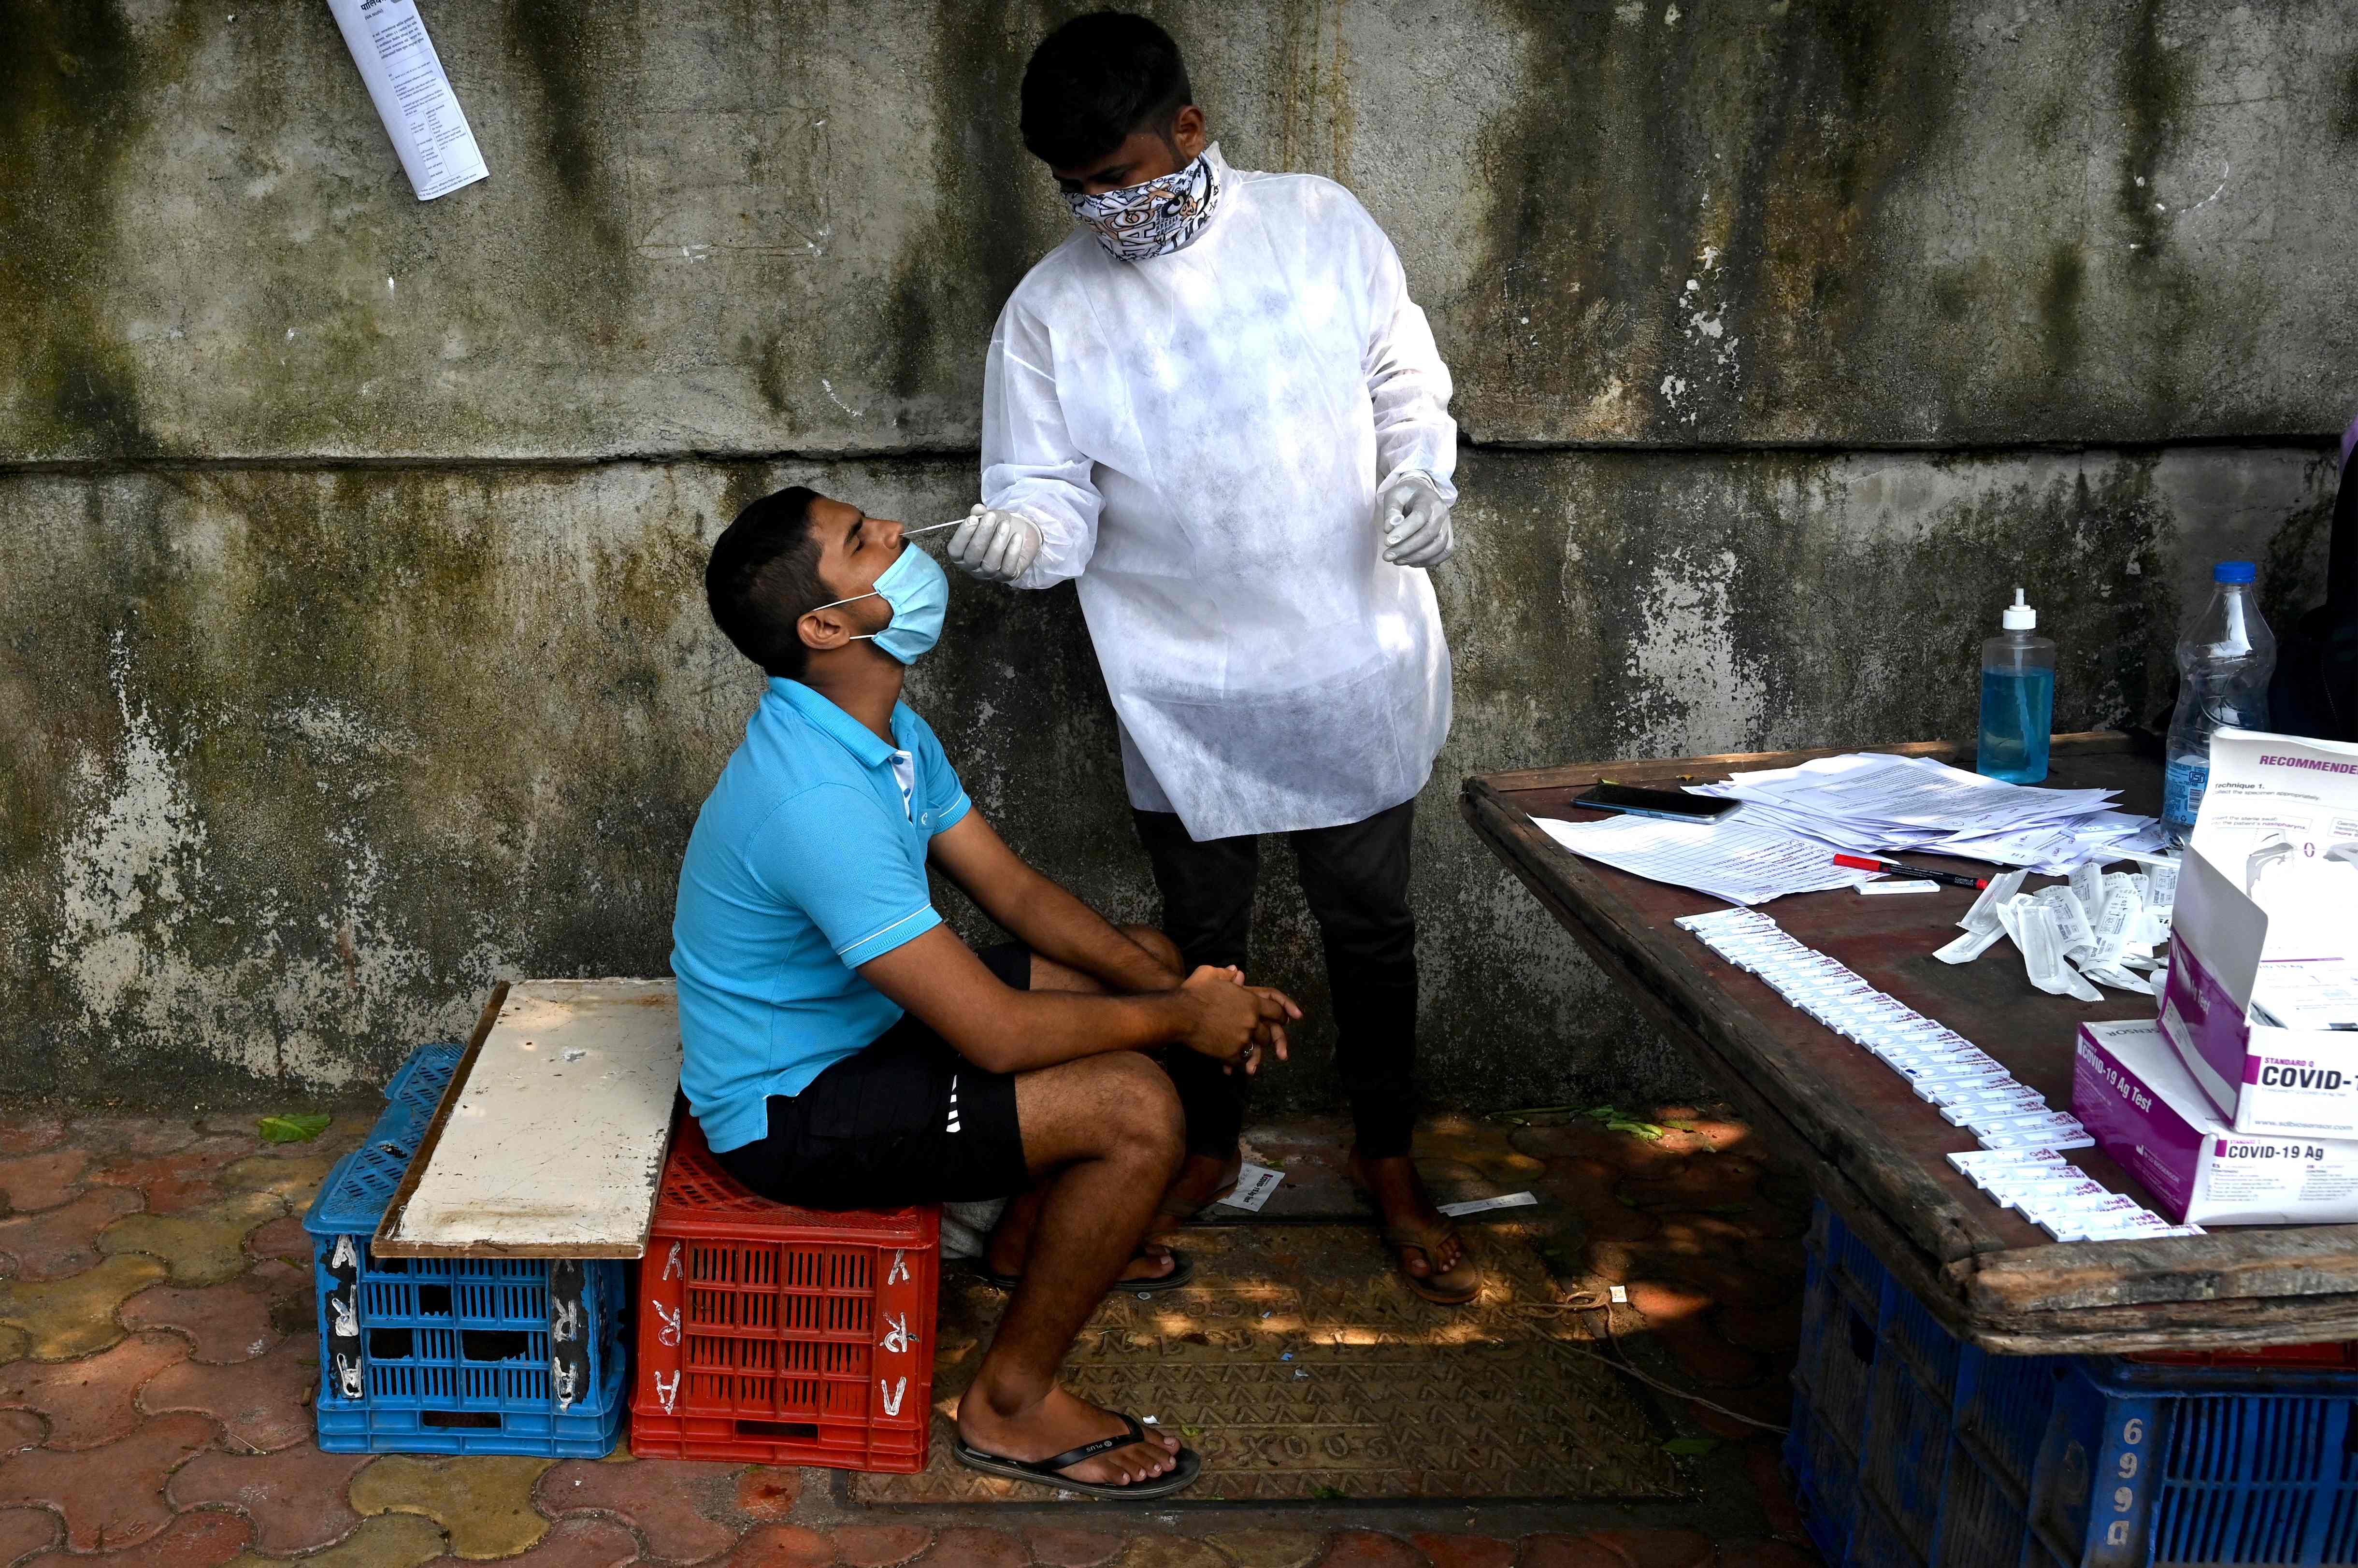 印度新冠累计死亡病例超10万